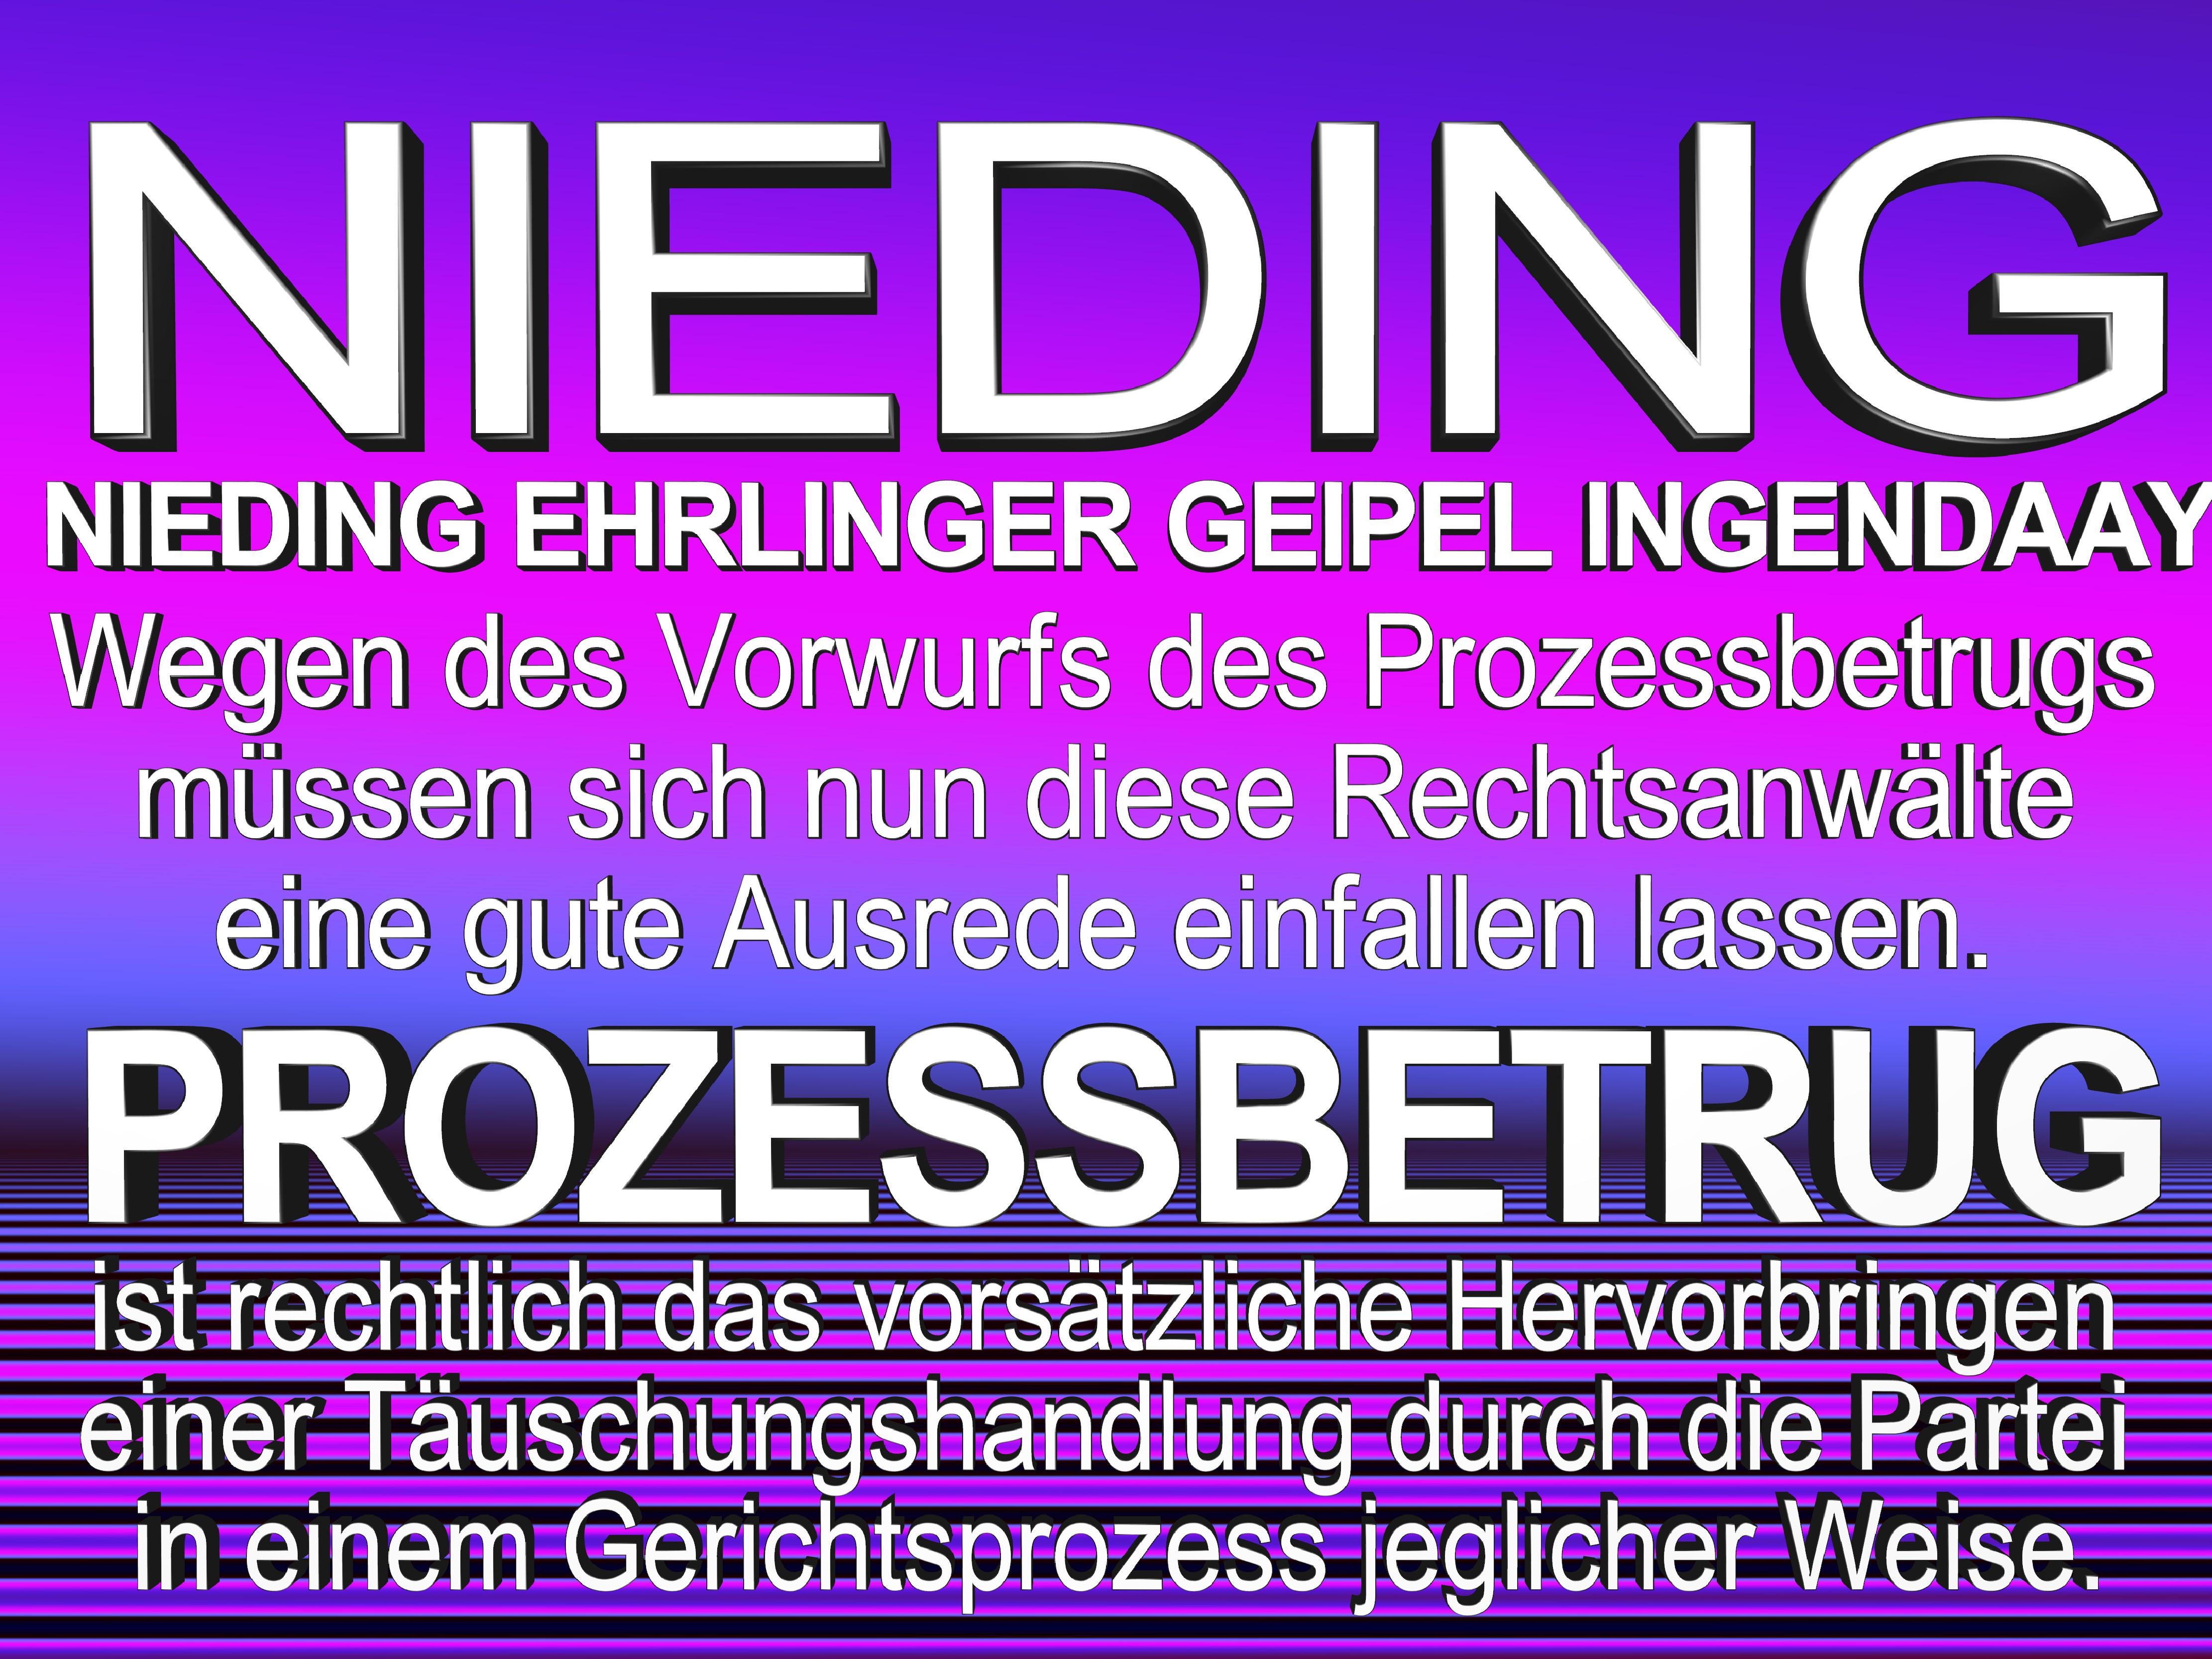 NIEDING EHRLINGER GEIPEL INGENDAAY LELKE Kurfürstendamm 66 Berlin (154)